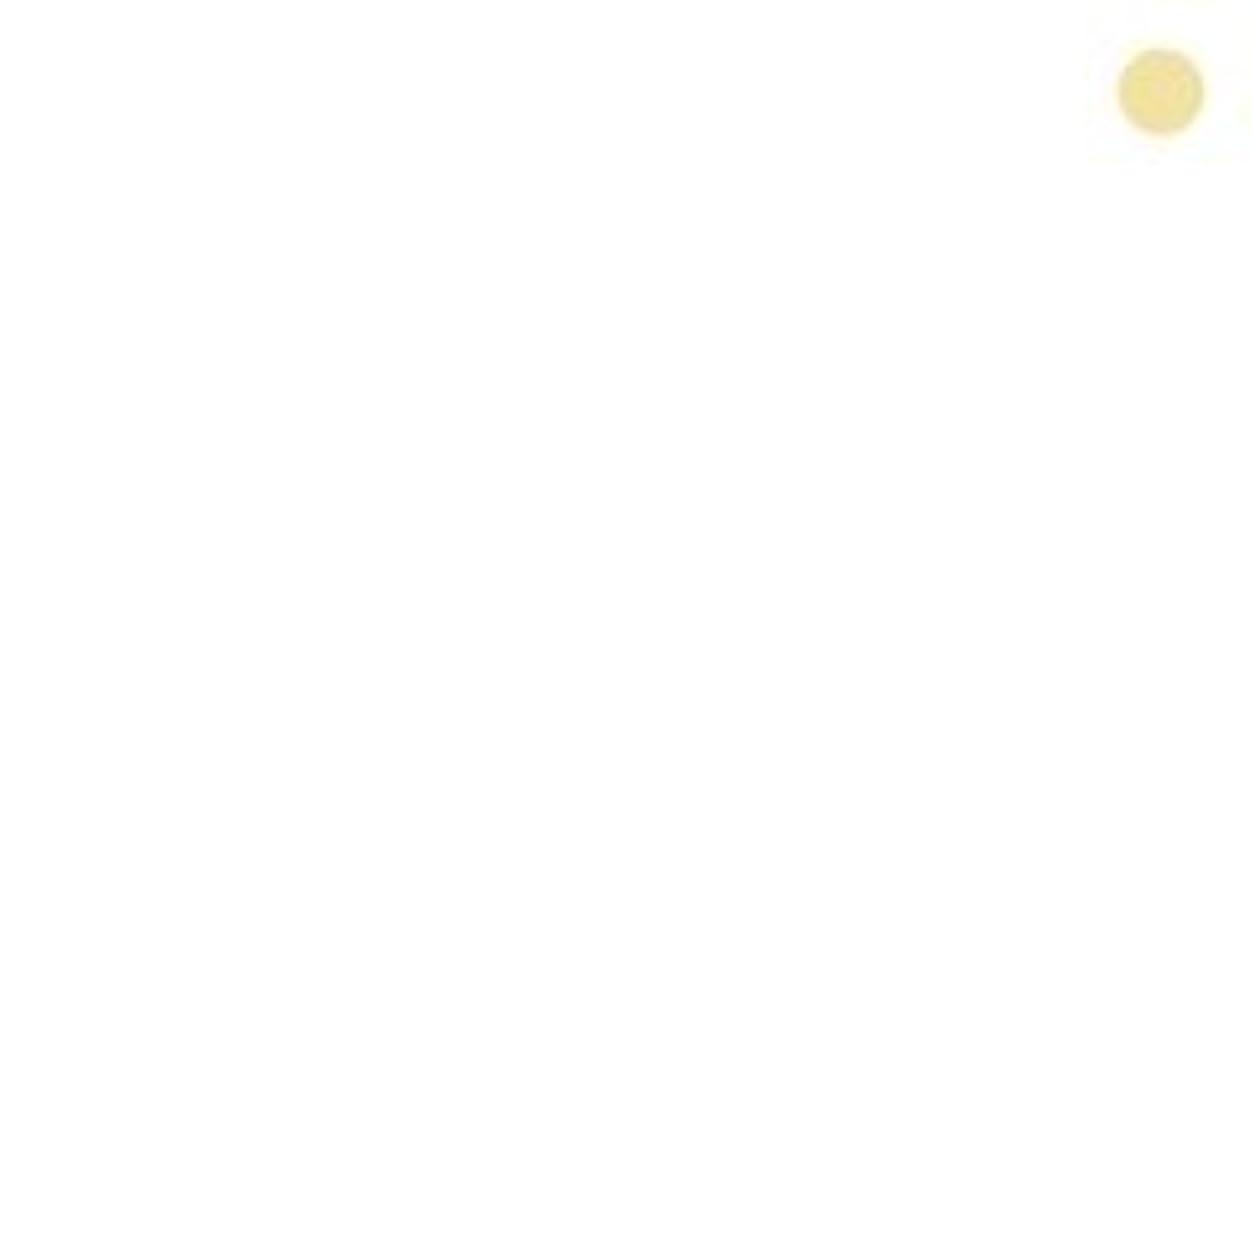 キリスト教プレゼンテーション高い【カバーマーク】ジャスミーカラー パウダリーファンデーション #YN10 (レフィル)